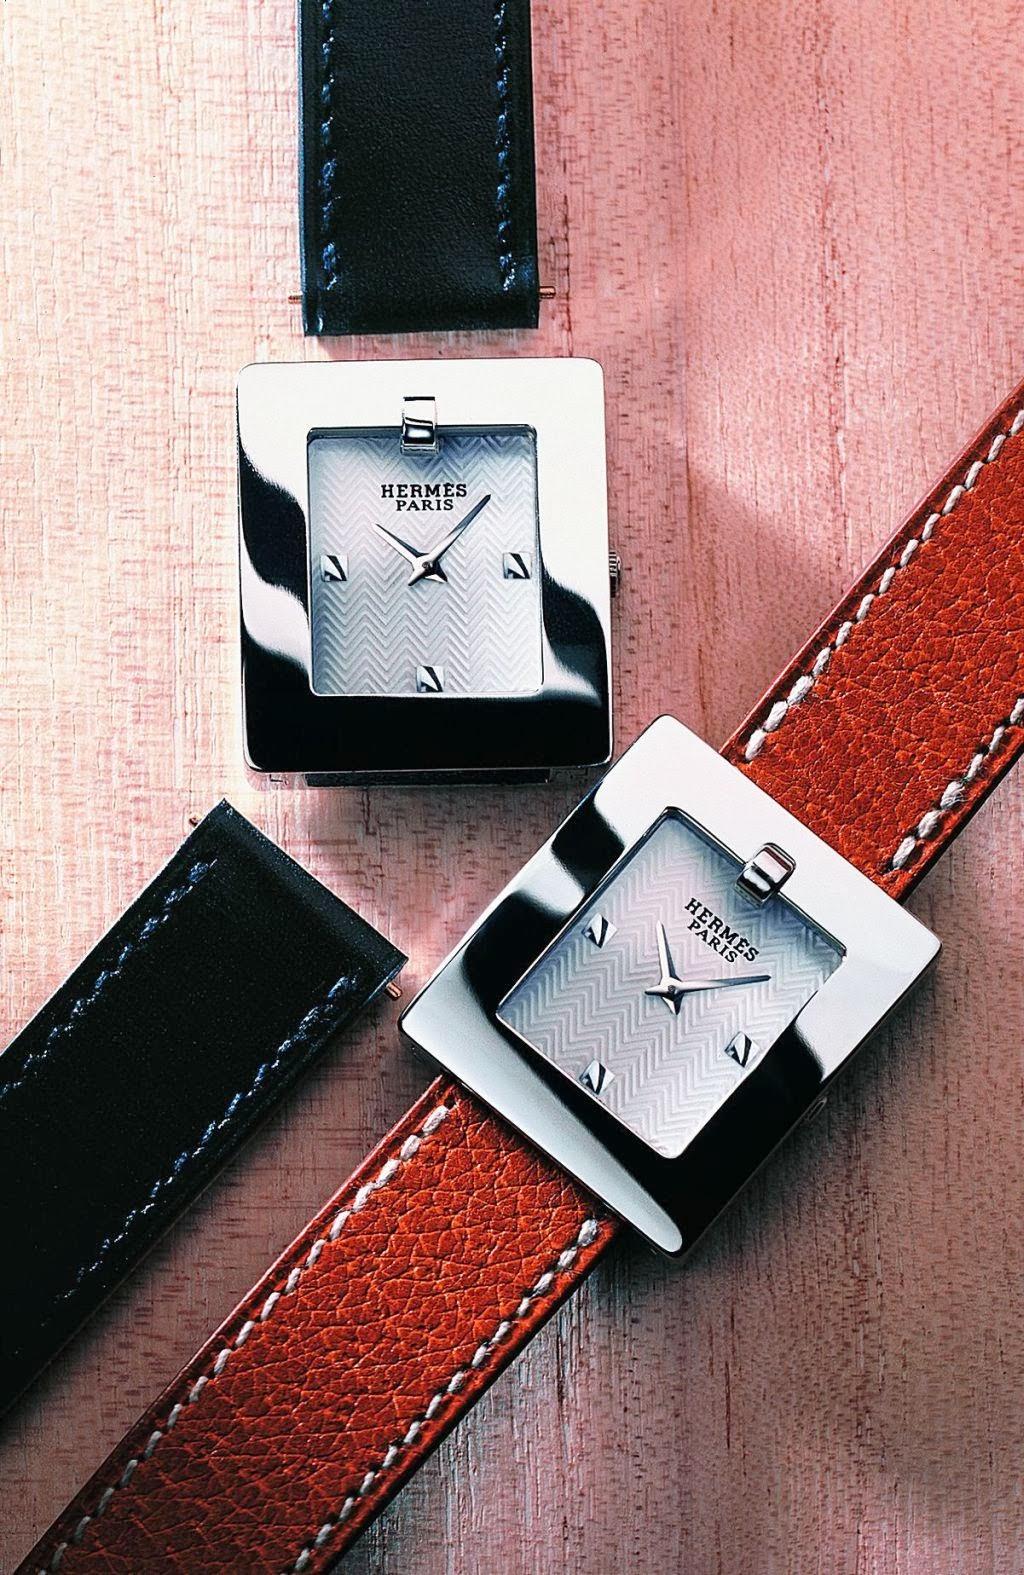 Hermès Belt Watch Circa 1999